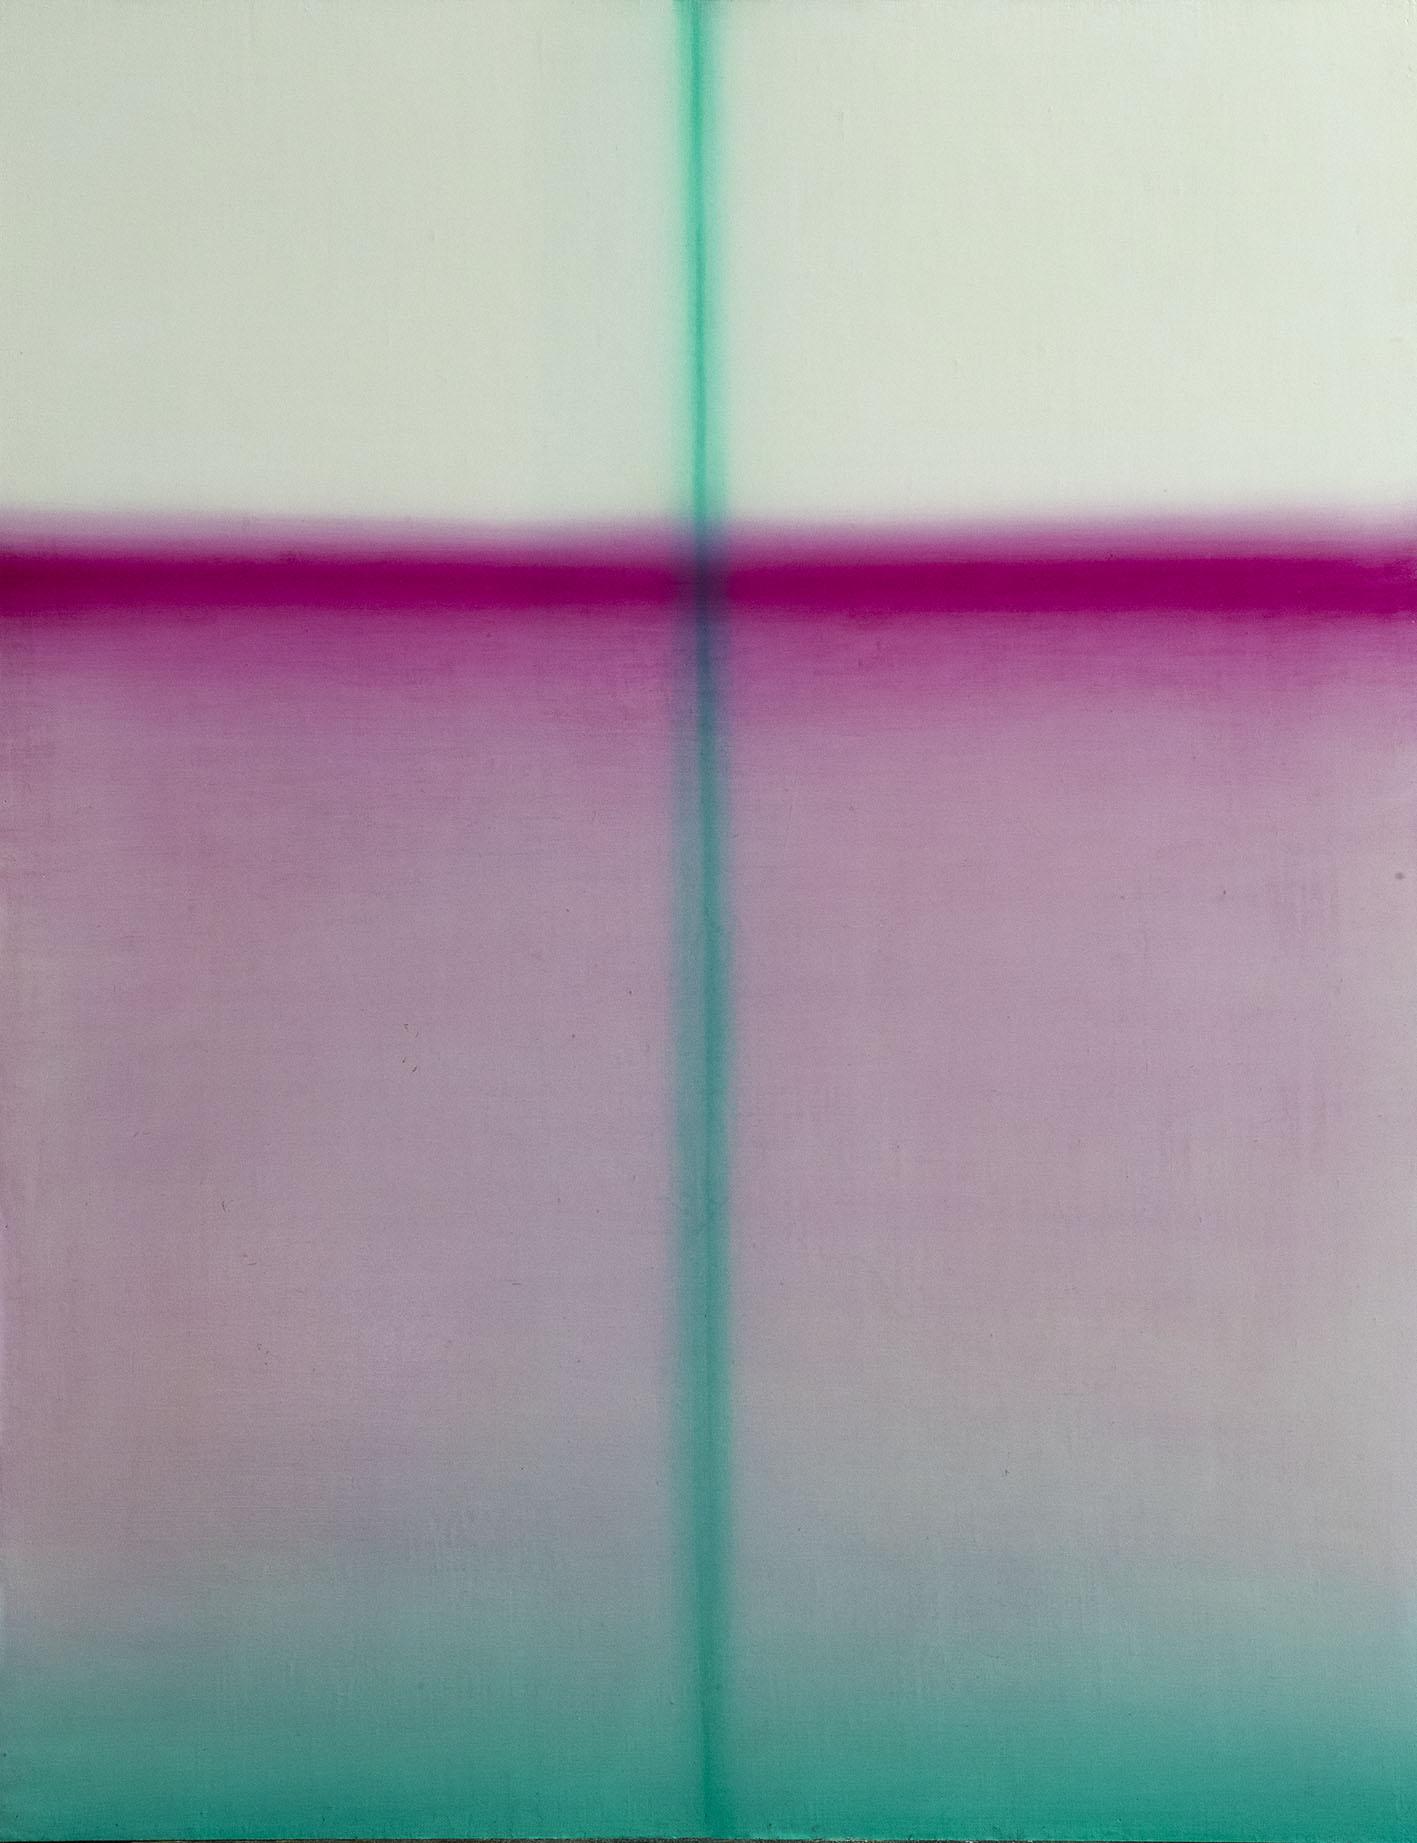 光線2號 Light beam 2  90.5 x 71.5 cm 油彩畫布 Oil on Canvas 2017